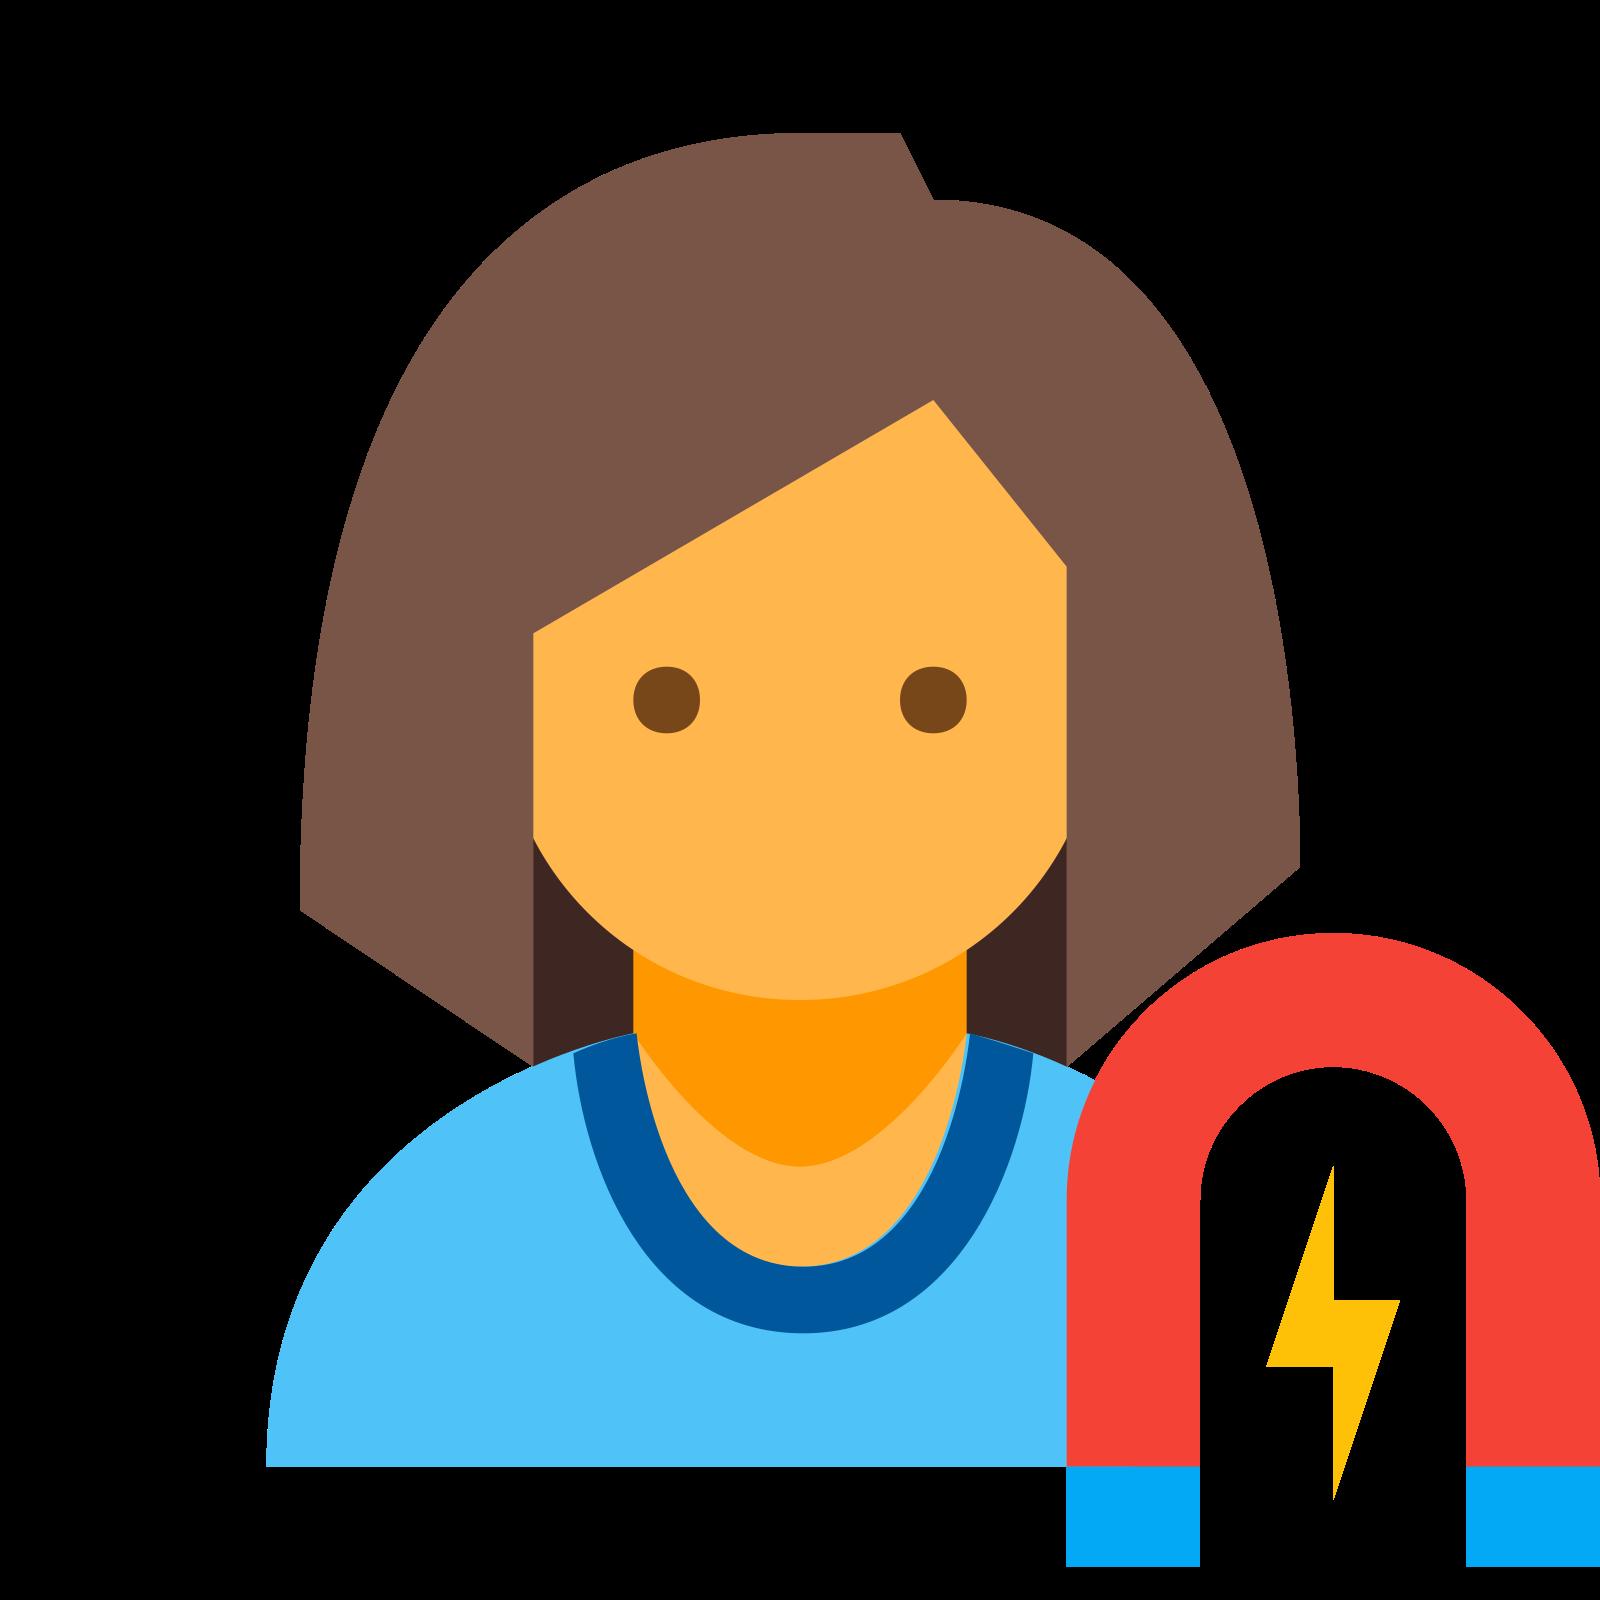 ユーザー婚約女性 icon. The User Engagement Female icon is of the outline of a woman's head, neck and shoulders. The hair is cut to the middle of her neck and a horseshoe with a lightning bolt inside is on the right.